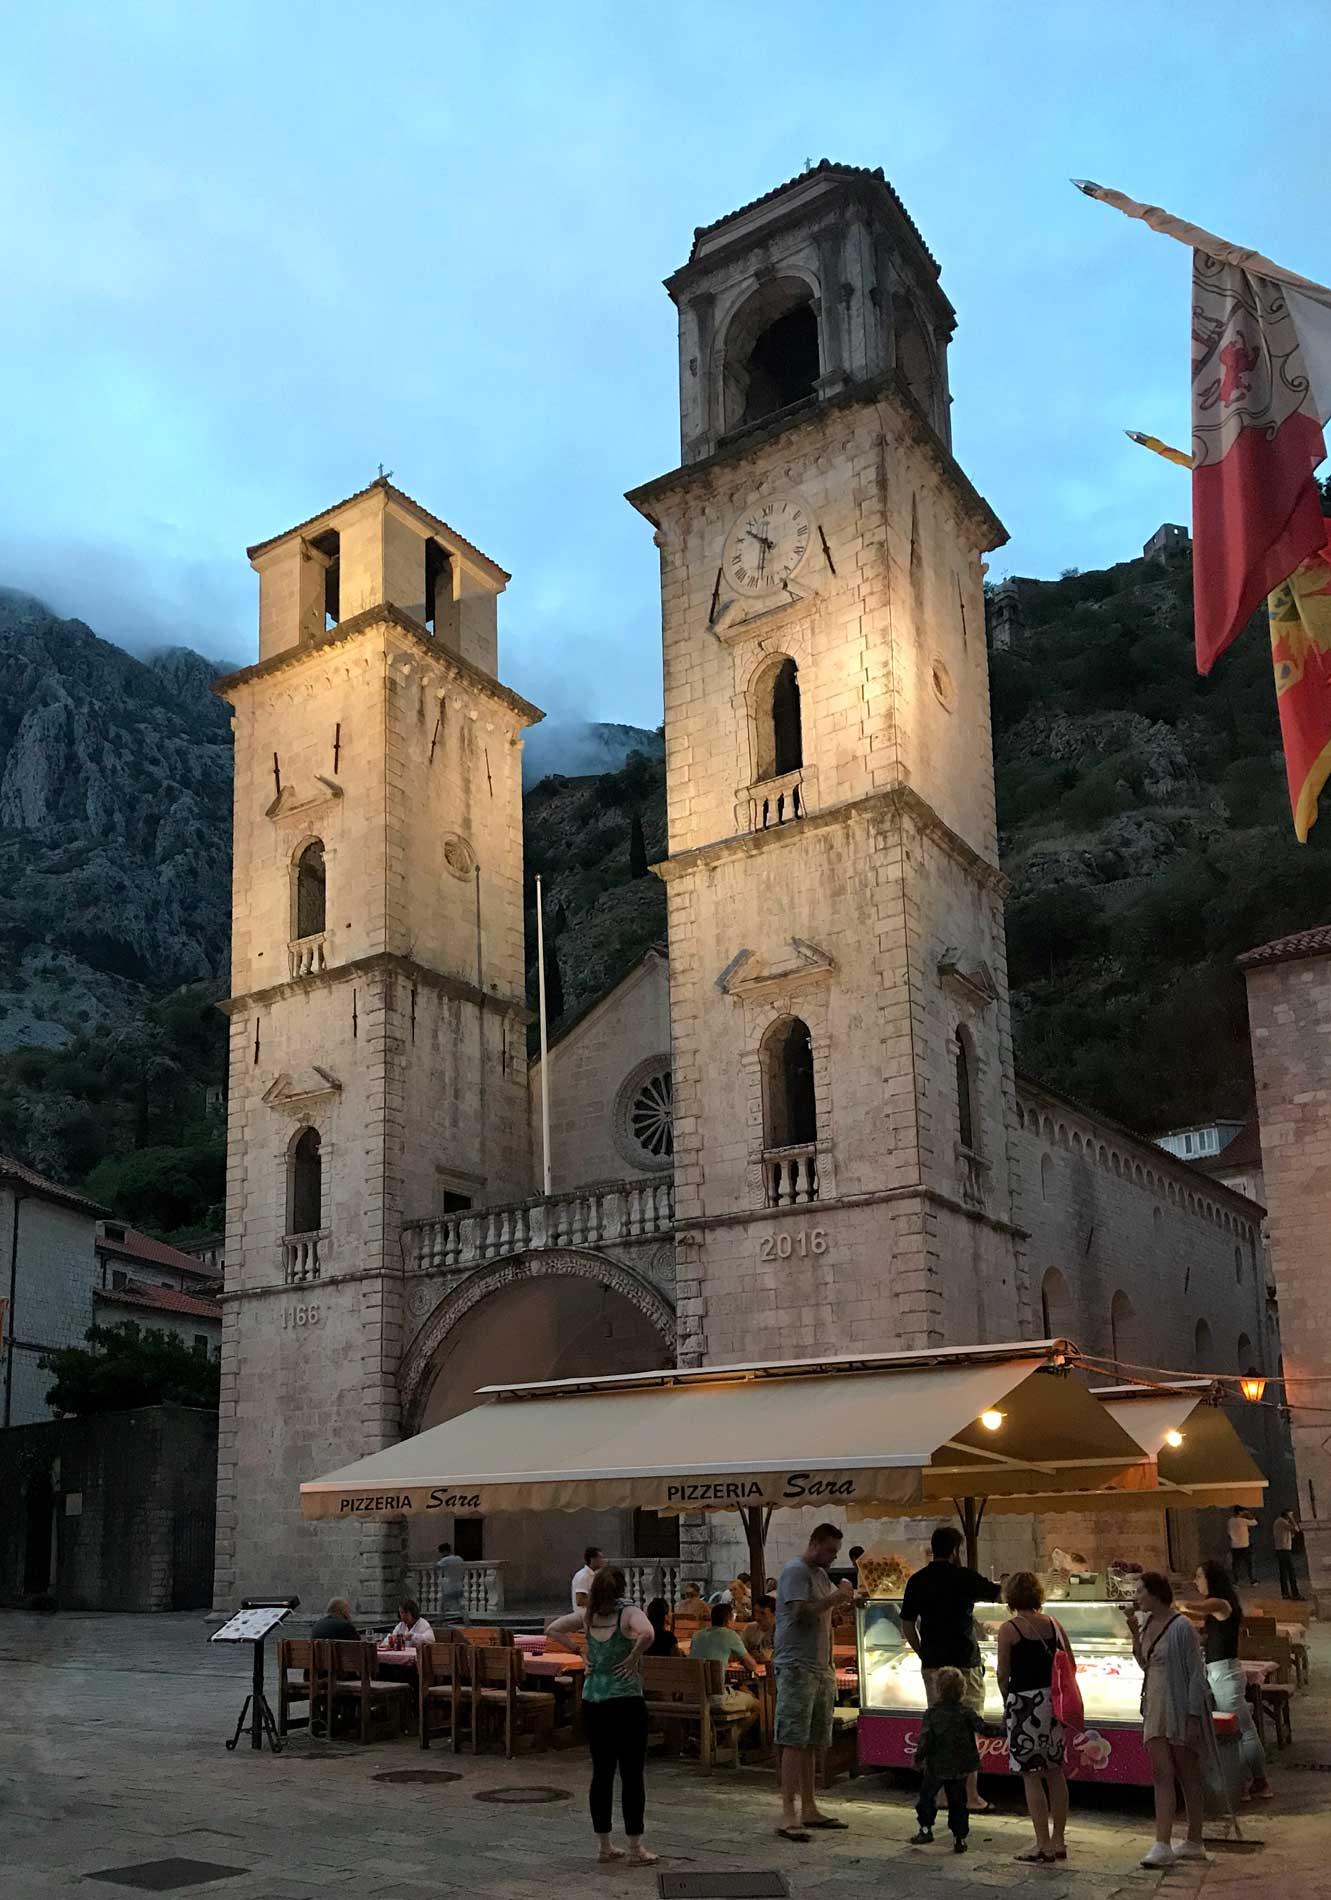 Kotor-Cattedrale-di-San-Trifone-campanili-blue-hour-bandiera-del-Montenegro